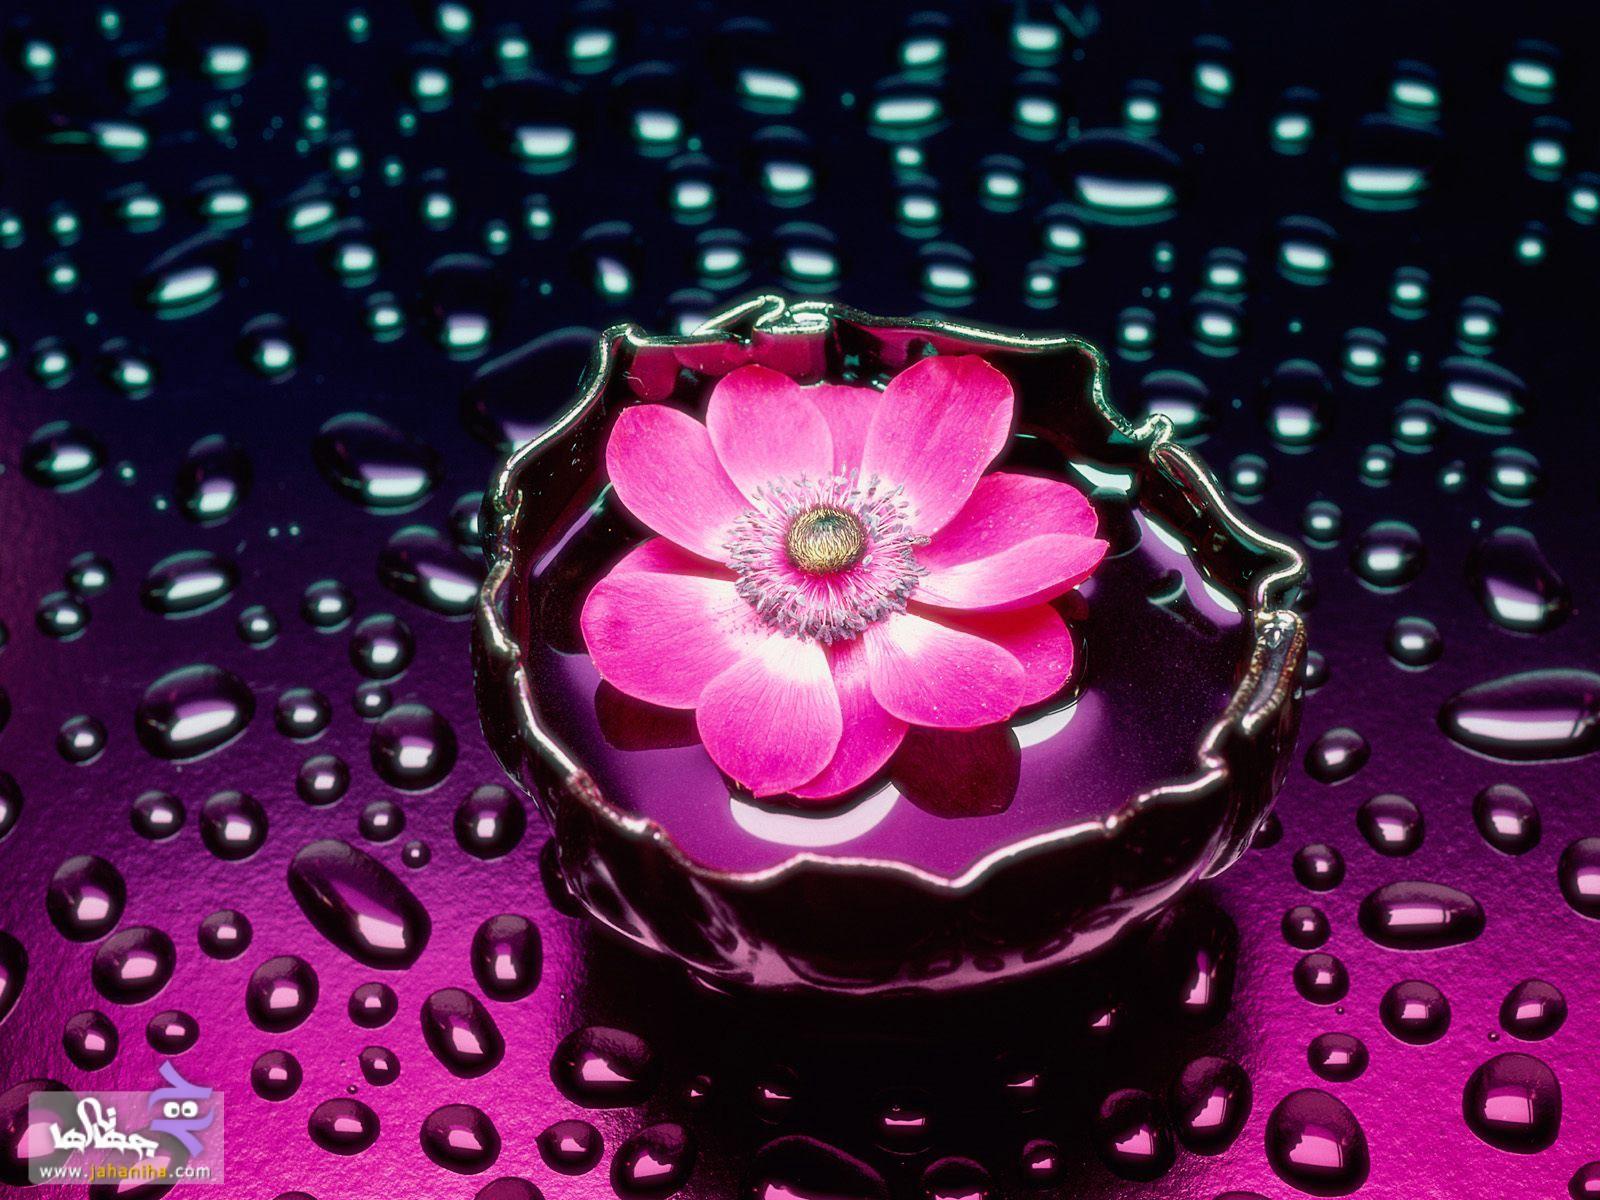 دانلود عکس گل,عکس پروفایل گل